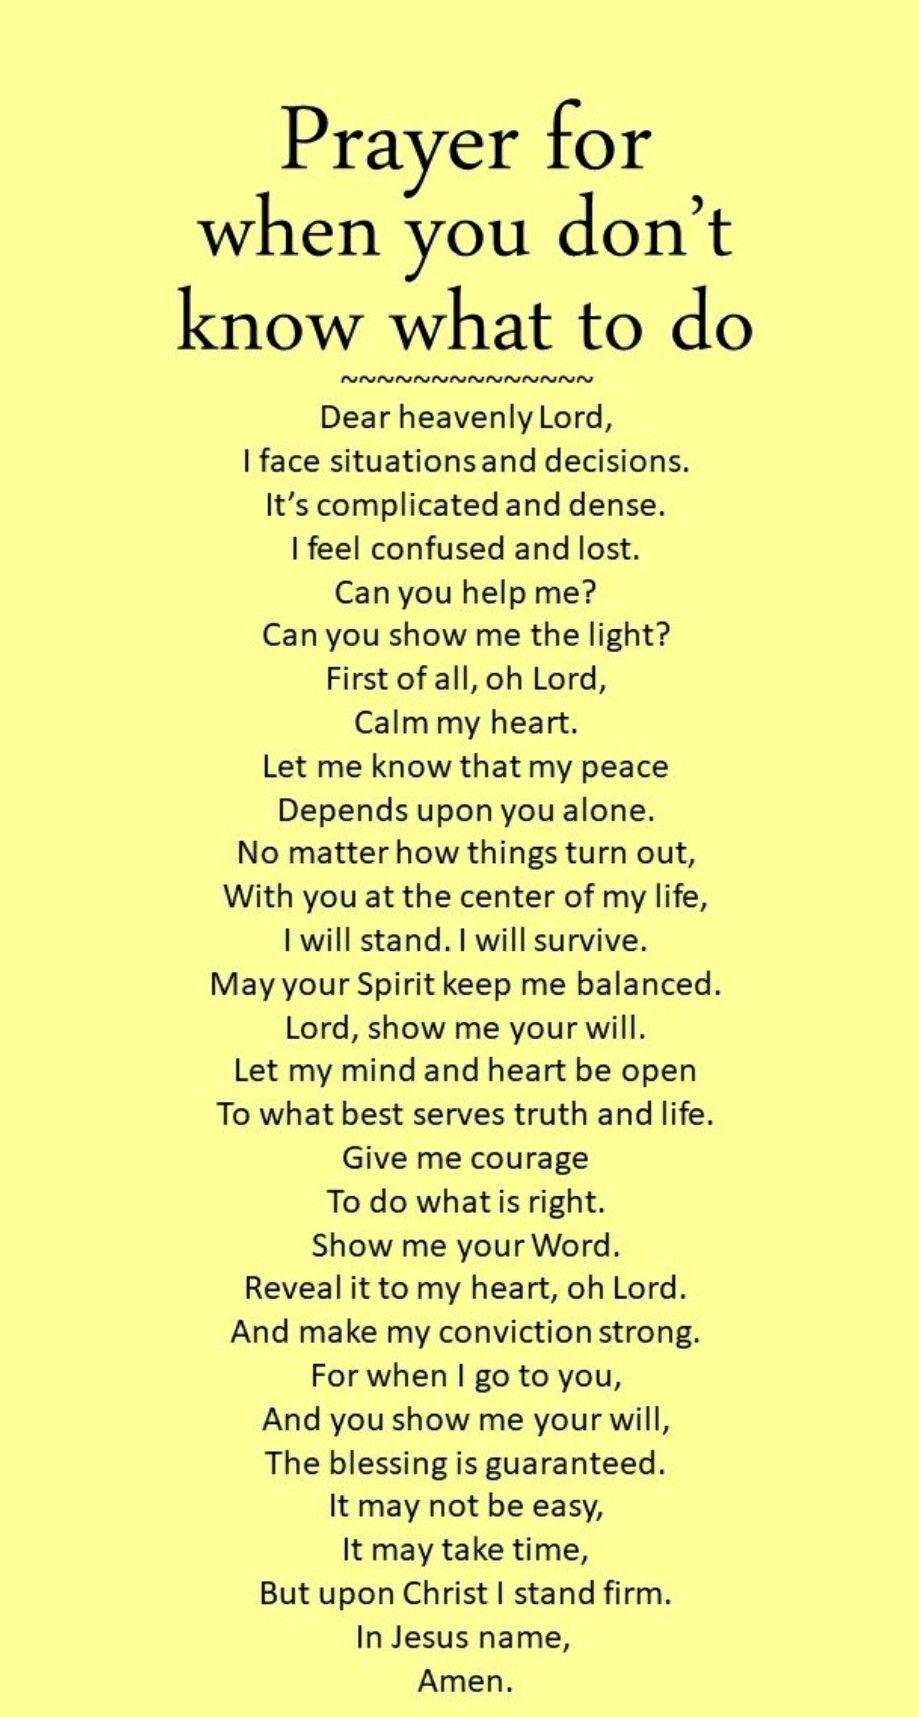 Fogyás Isten útja Hogyan békülj ki a testtel, amit Isten adott neked | pasztorpuli.hu